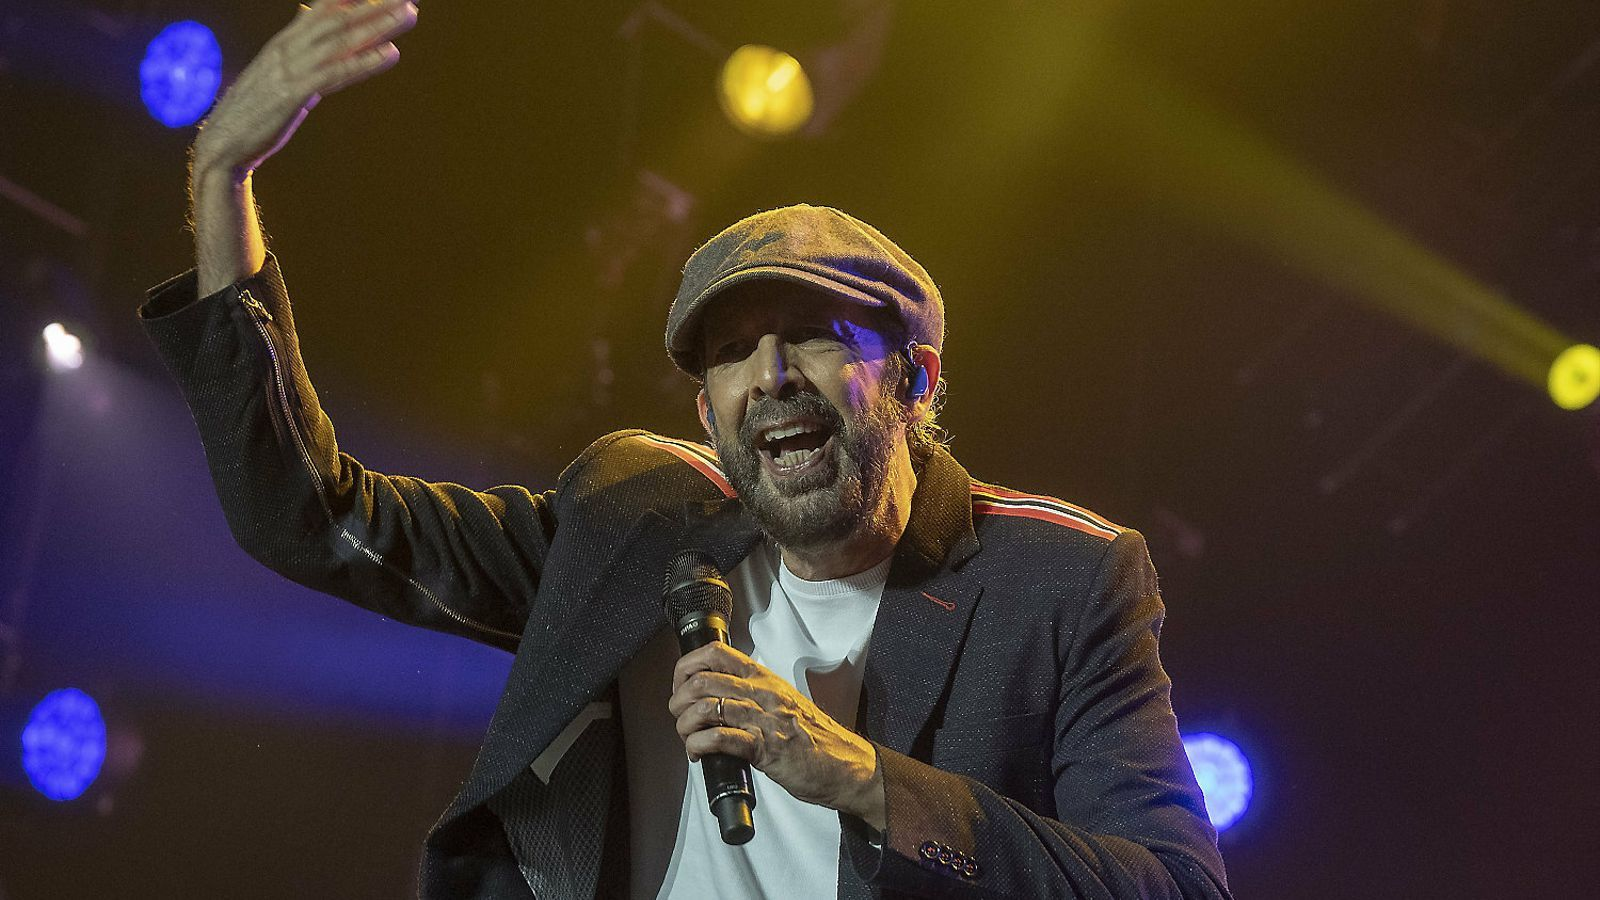 Juan Luis Guerra durant el concert d'ahir al Palau Sant Jordi.